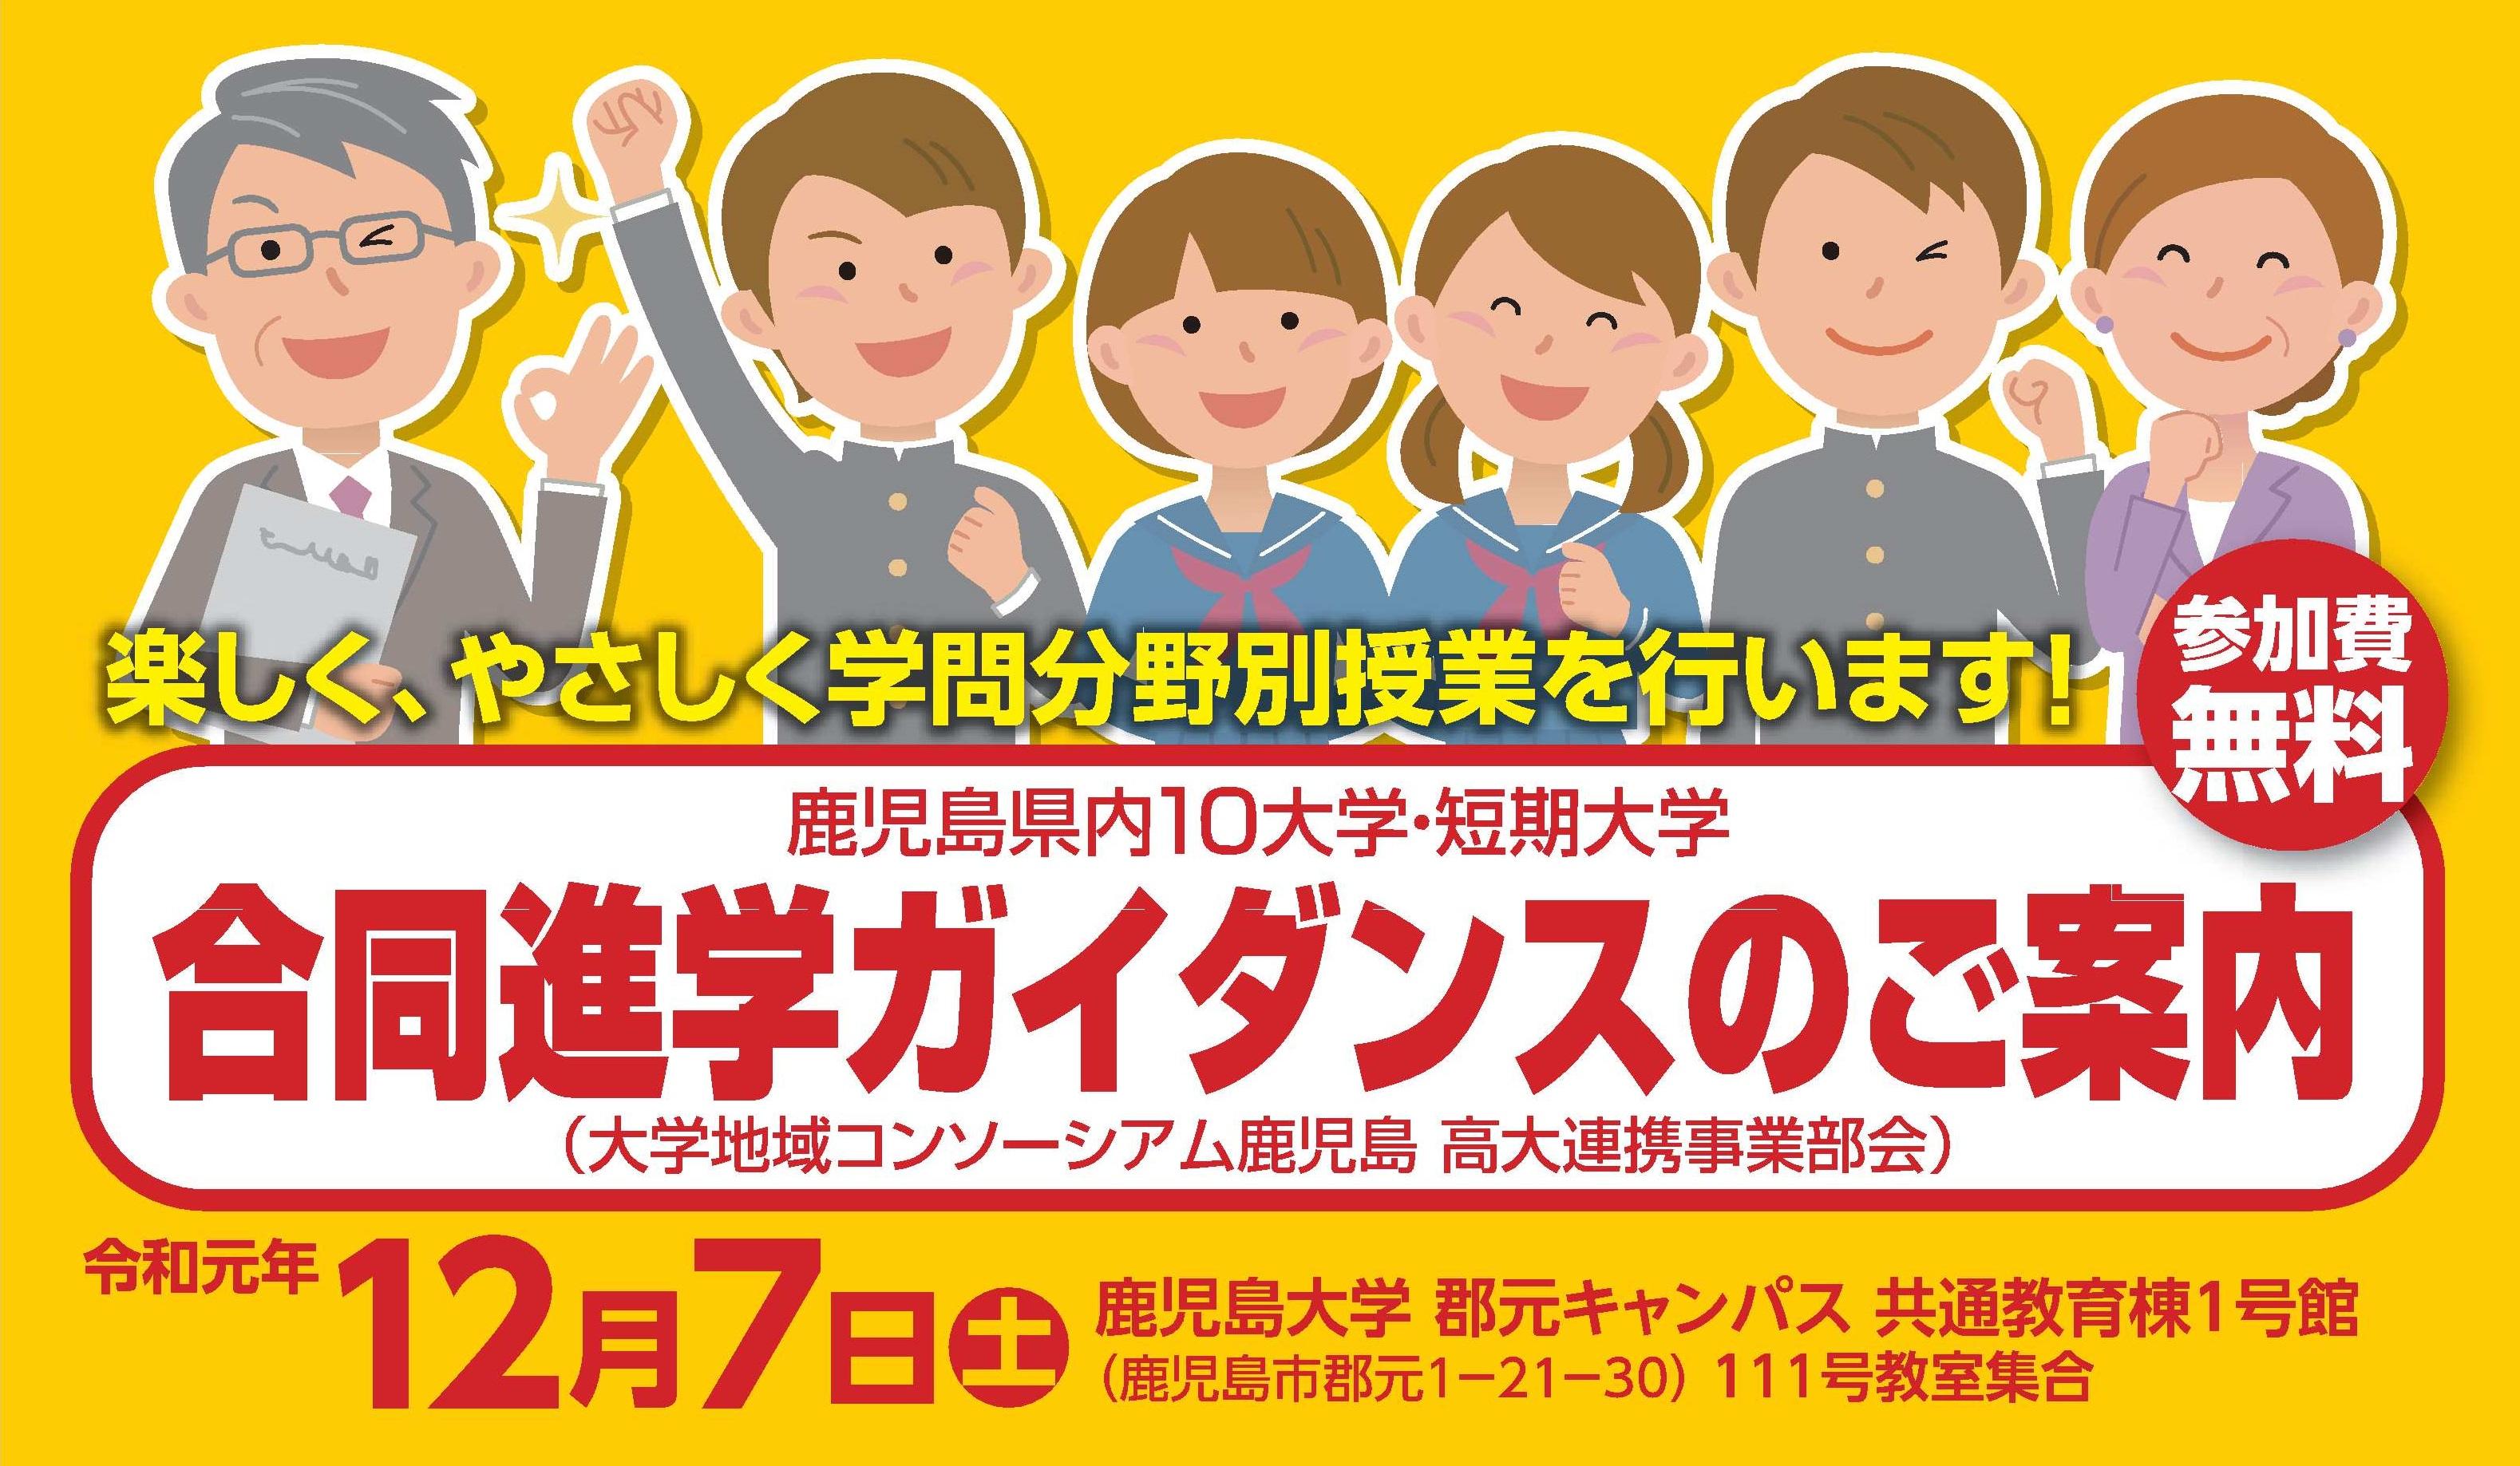 R01ガイダンス・リーフレット【確定2】.jpg